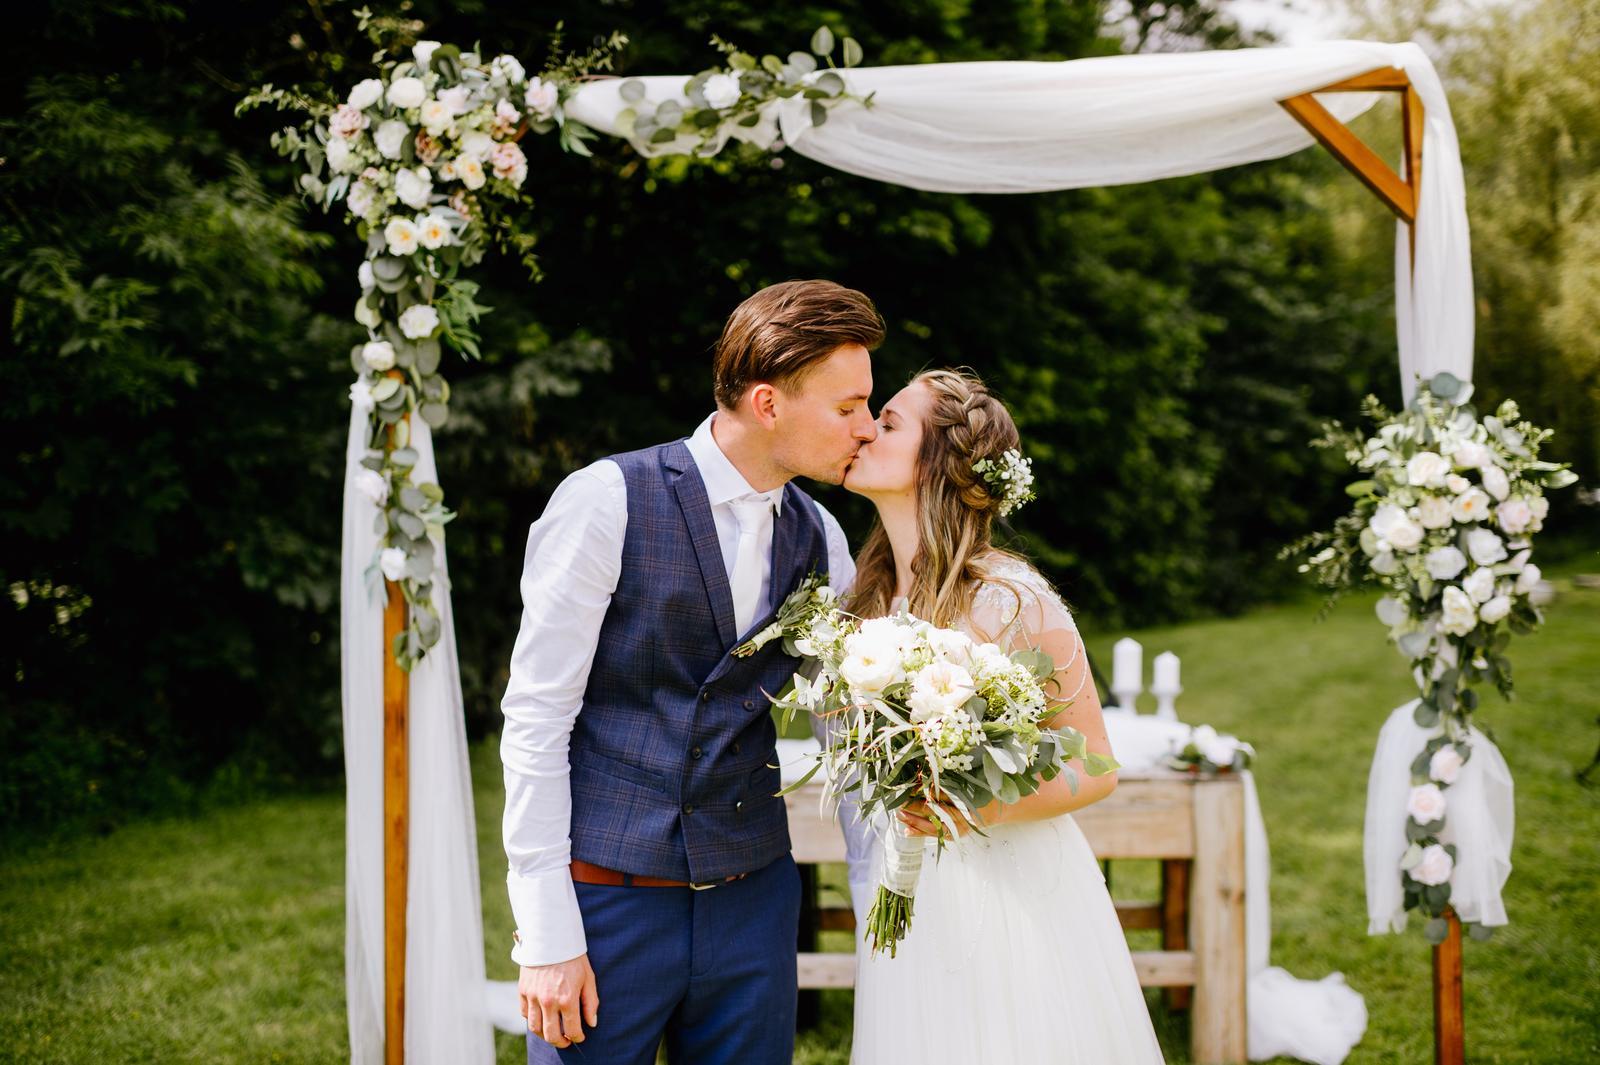 Prodám svatební slavobránu - Obrázek č. 2